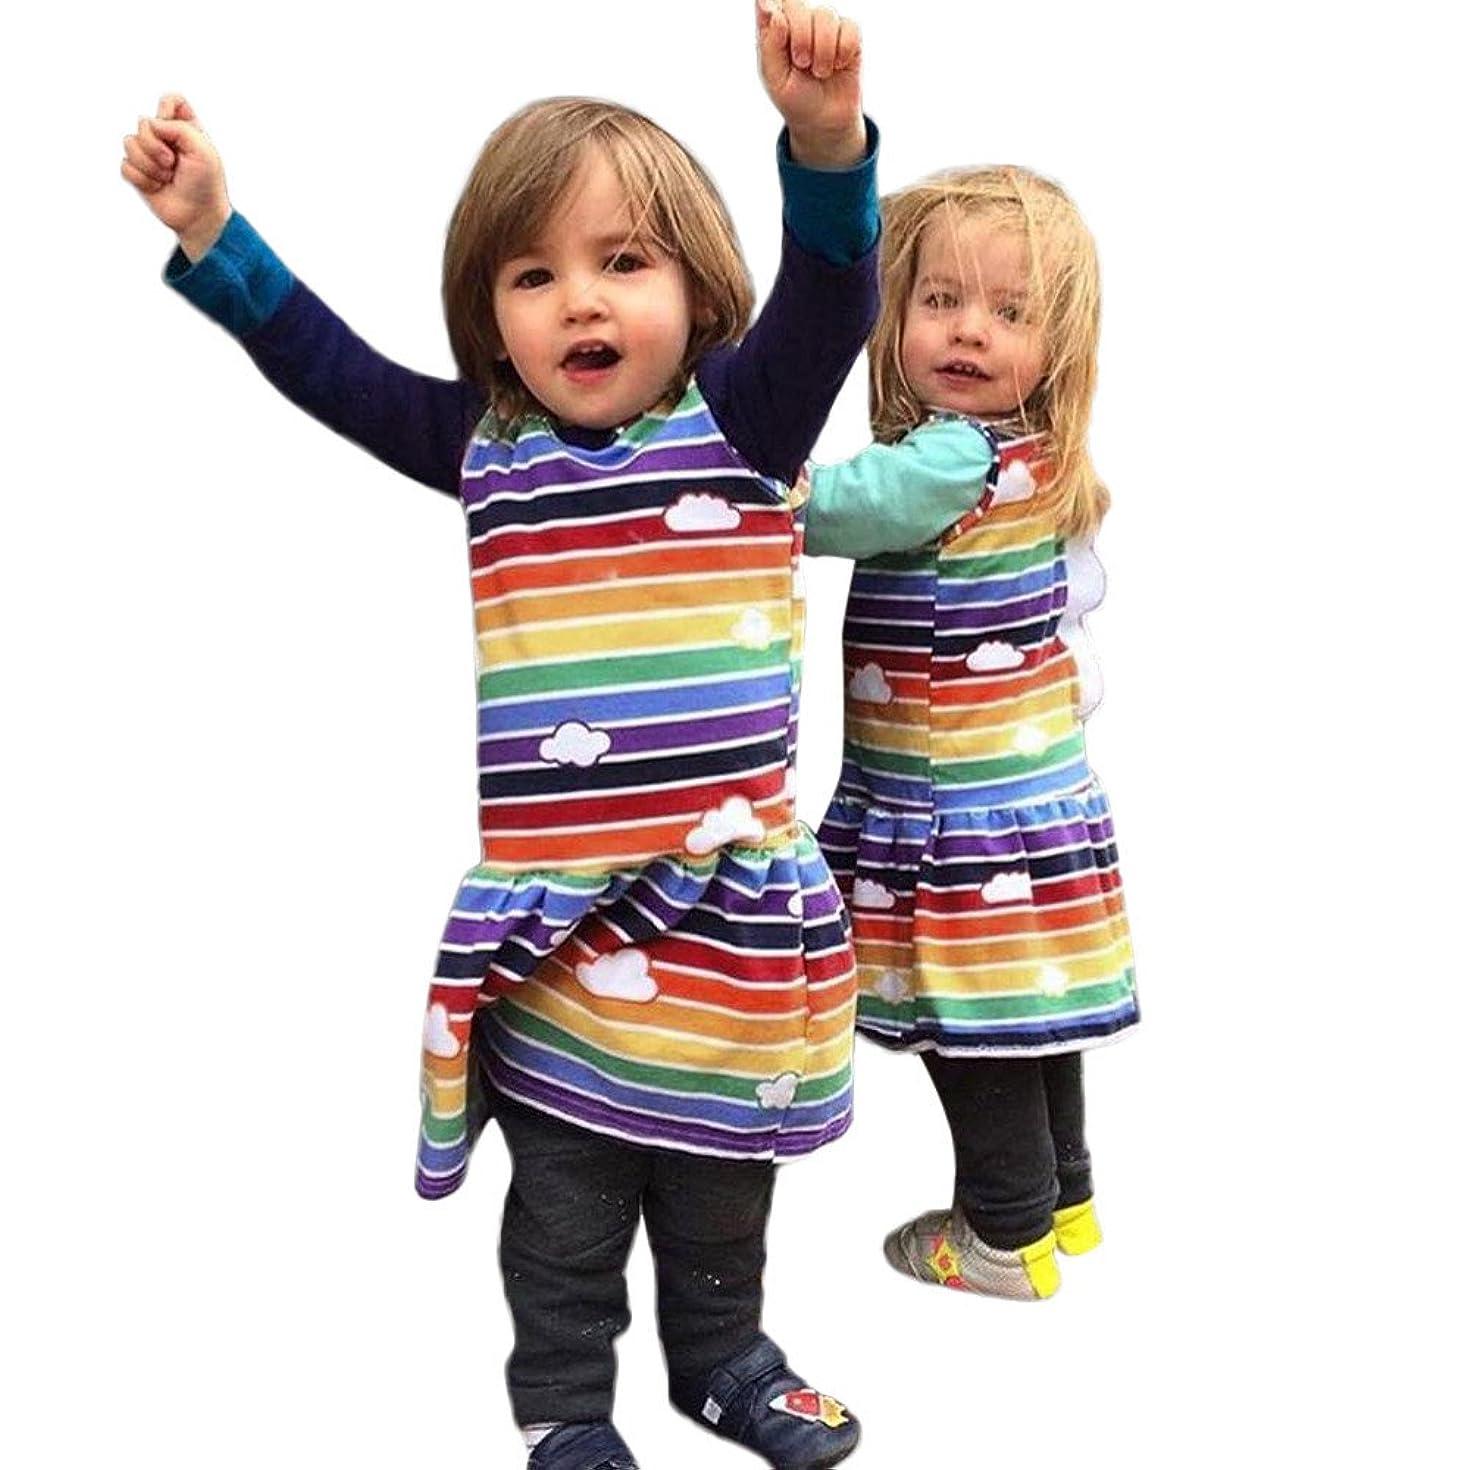 ☆HebeTop Toddler Baby Girls Dress Cartoon Dinosaur Striped Print 3D Dorsal Fin Outfits